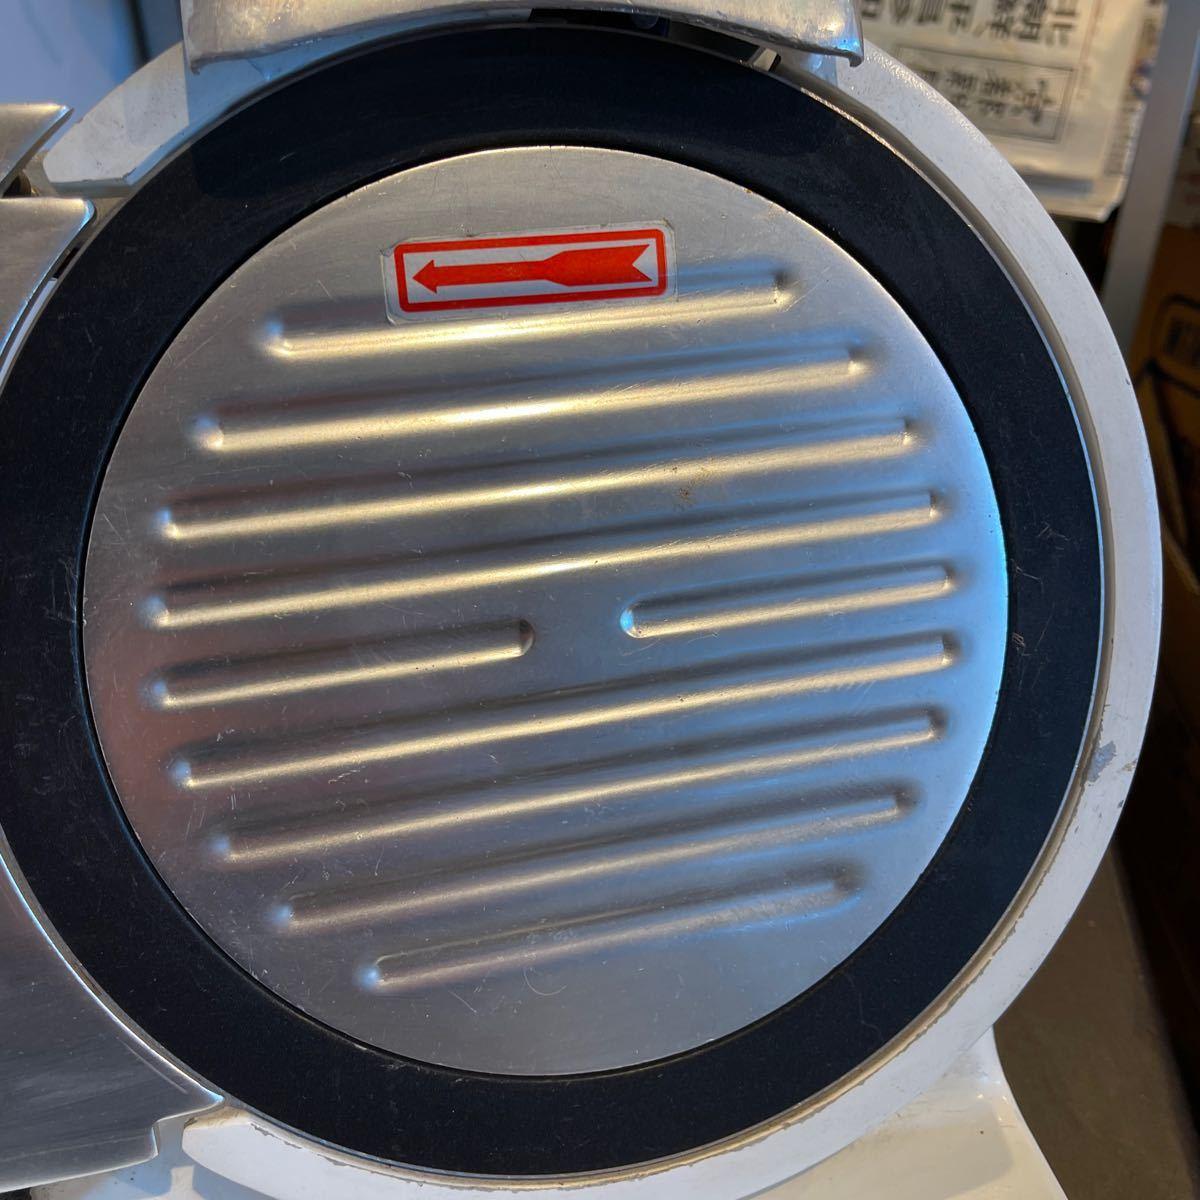 ミートスライサー 業務用 ハムスライサー フッ素樹脂コーティング チャーシュー 電動 肉スライサー PRO-220YS-BT-R KIPROSTAR_画像4